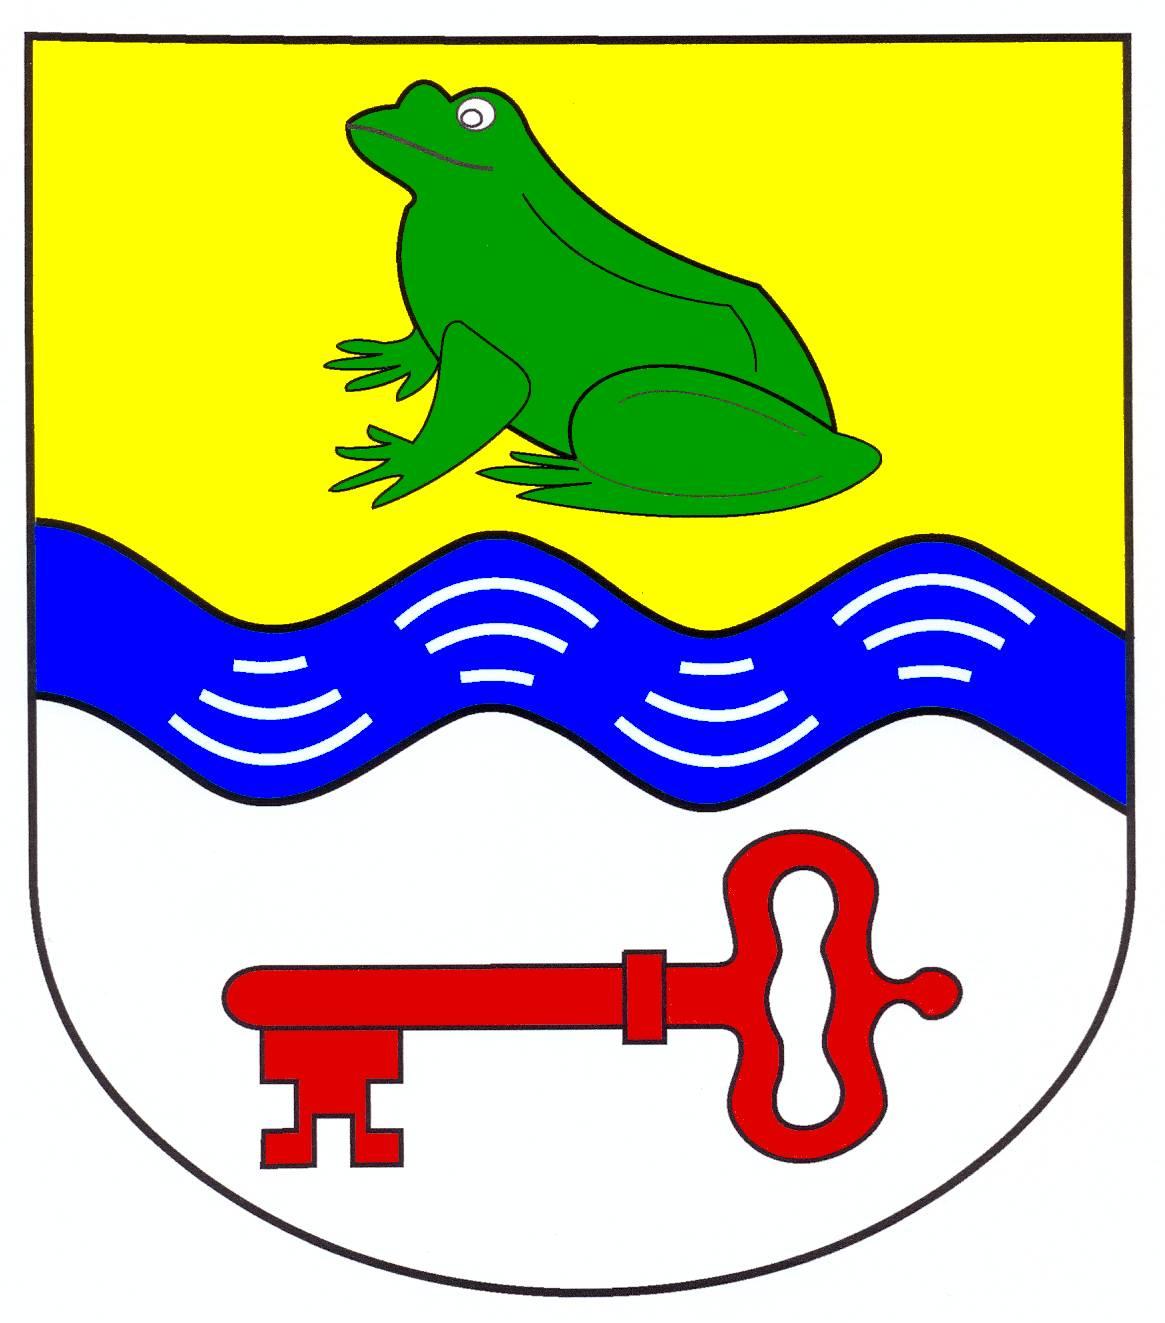 Wappen GemeindeSahms, Kreis Herzogtum Lauenburg